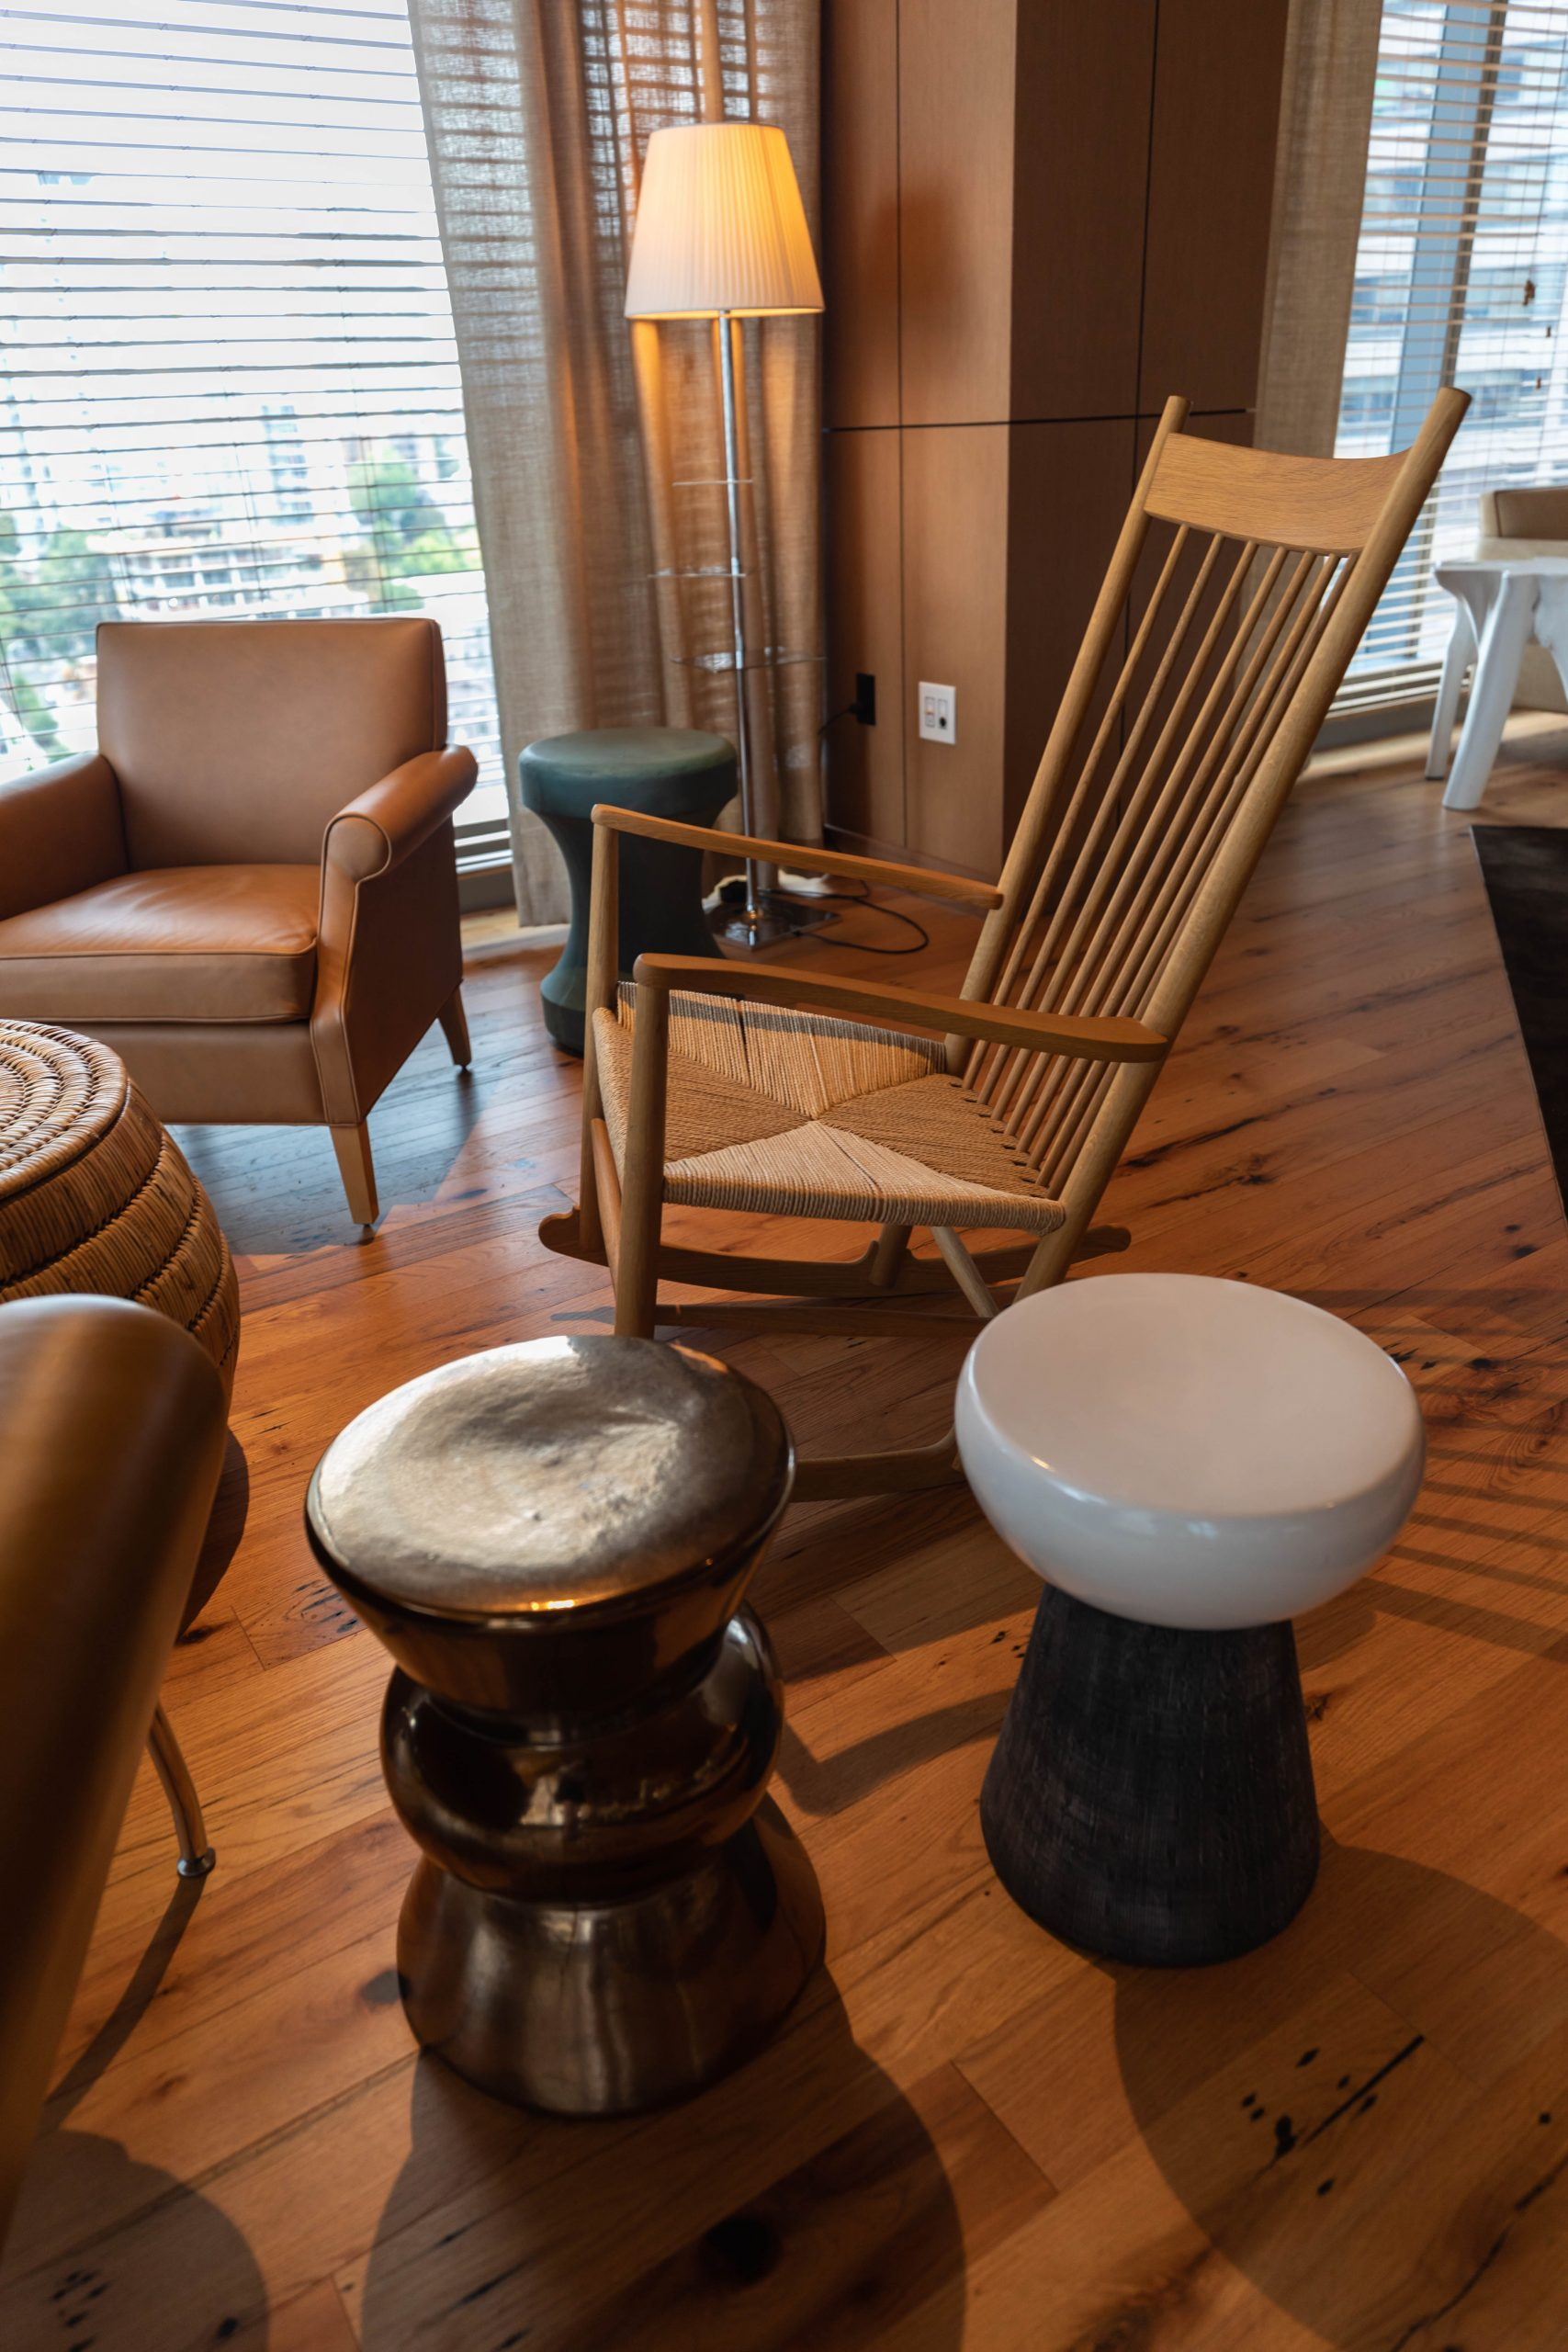 Charlotte Restaurant at Lotte Hotel Seattle Washington Michelin Star Chef Cuisine Puget Sound Fine Dining Luxury Restaurants of the World by Annie Fairfax